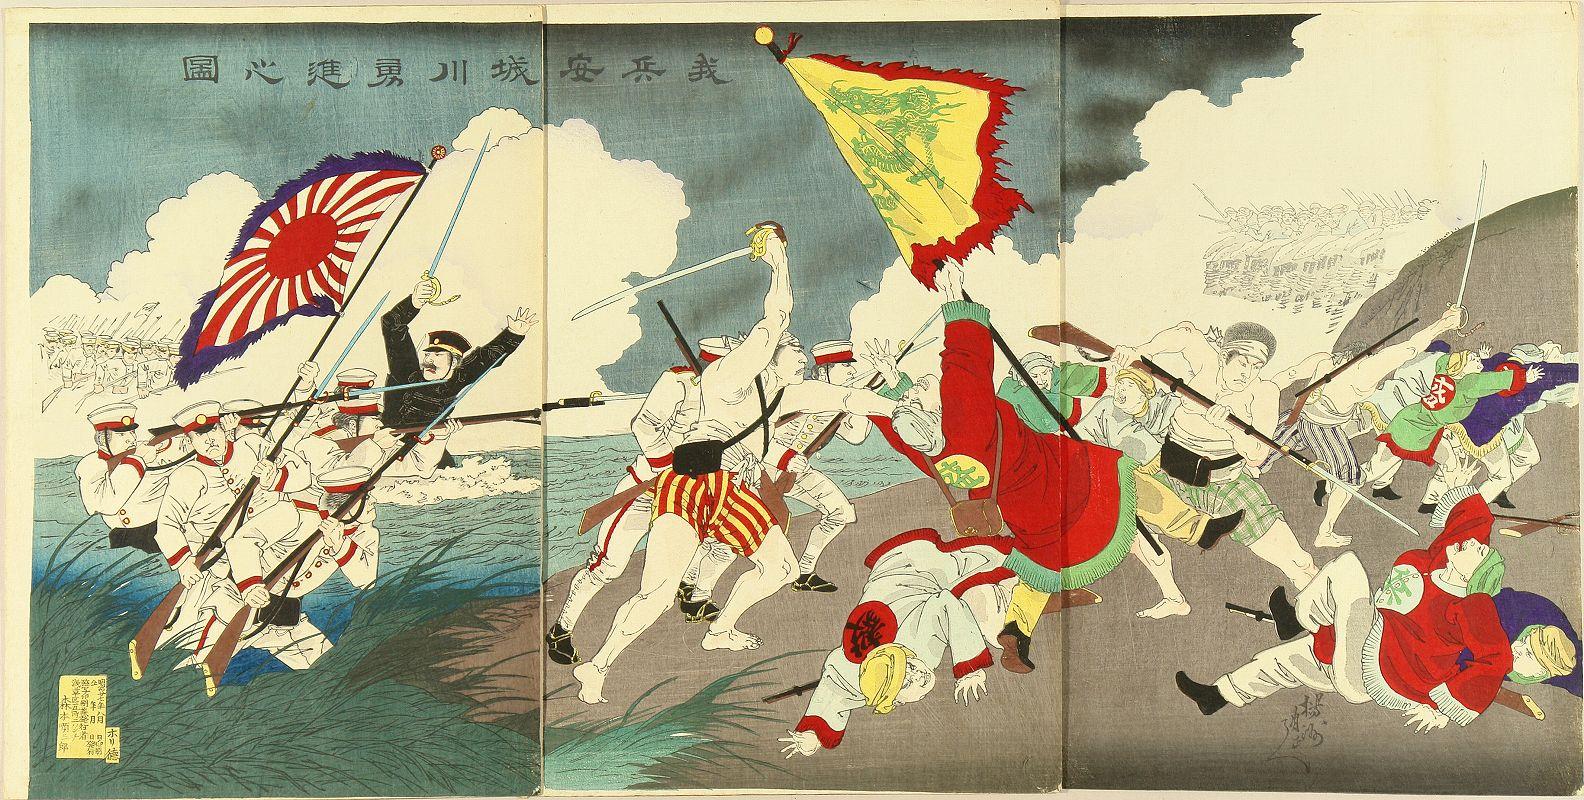 японско китайская война